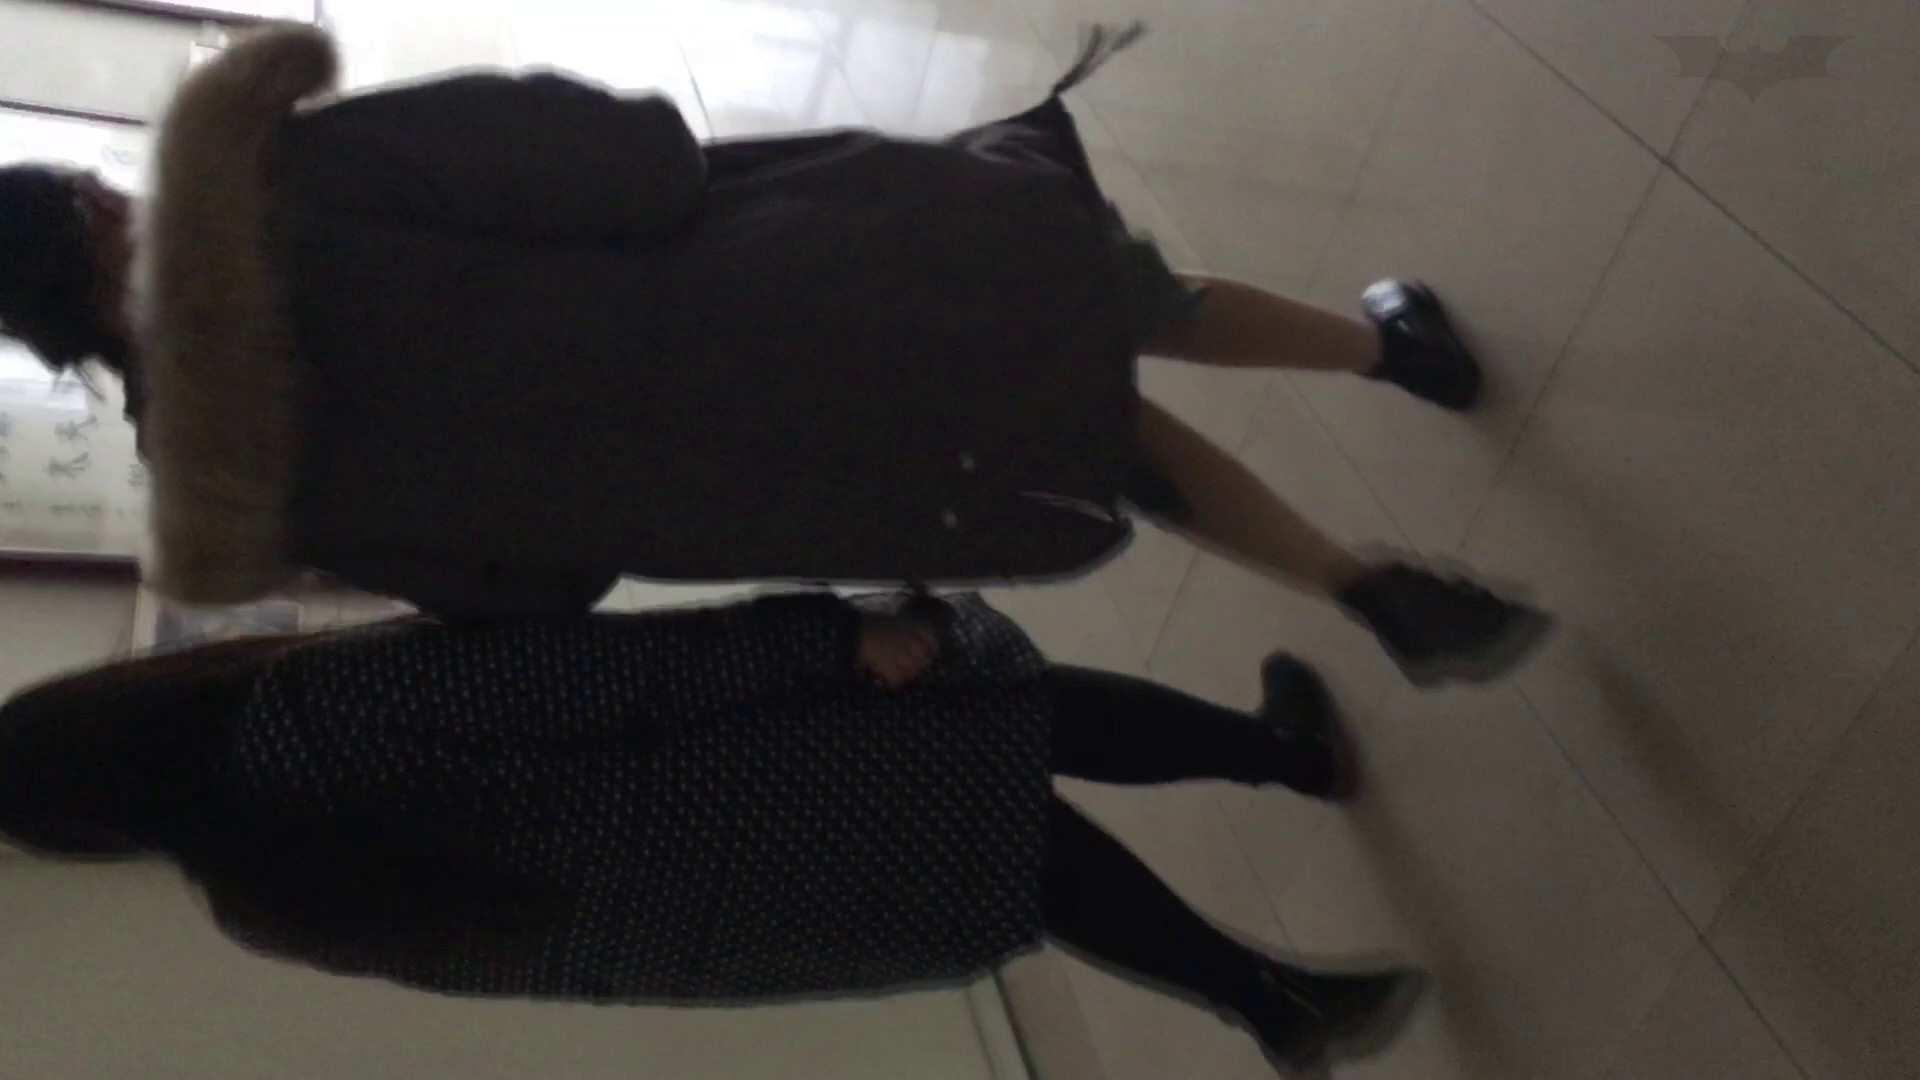 芸術大学ガチ潜入盗撮 JD盗撮 美女の洗面所の秘密 Vol.89 美肌 ヌード画像 36画像 28